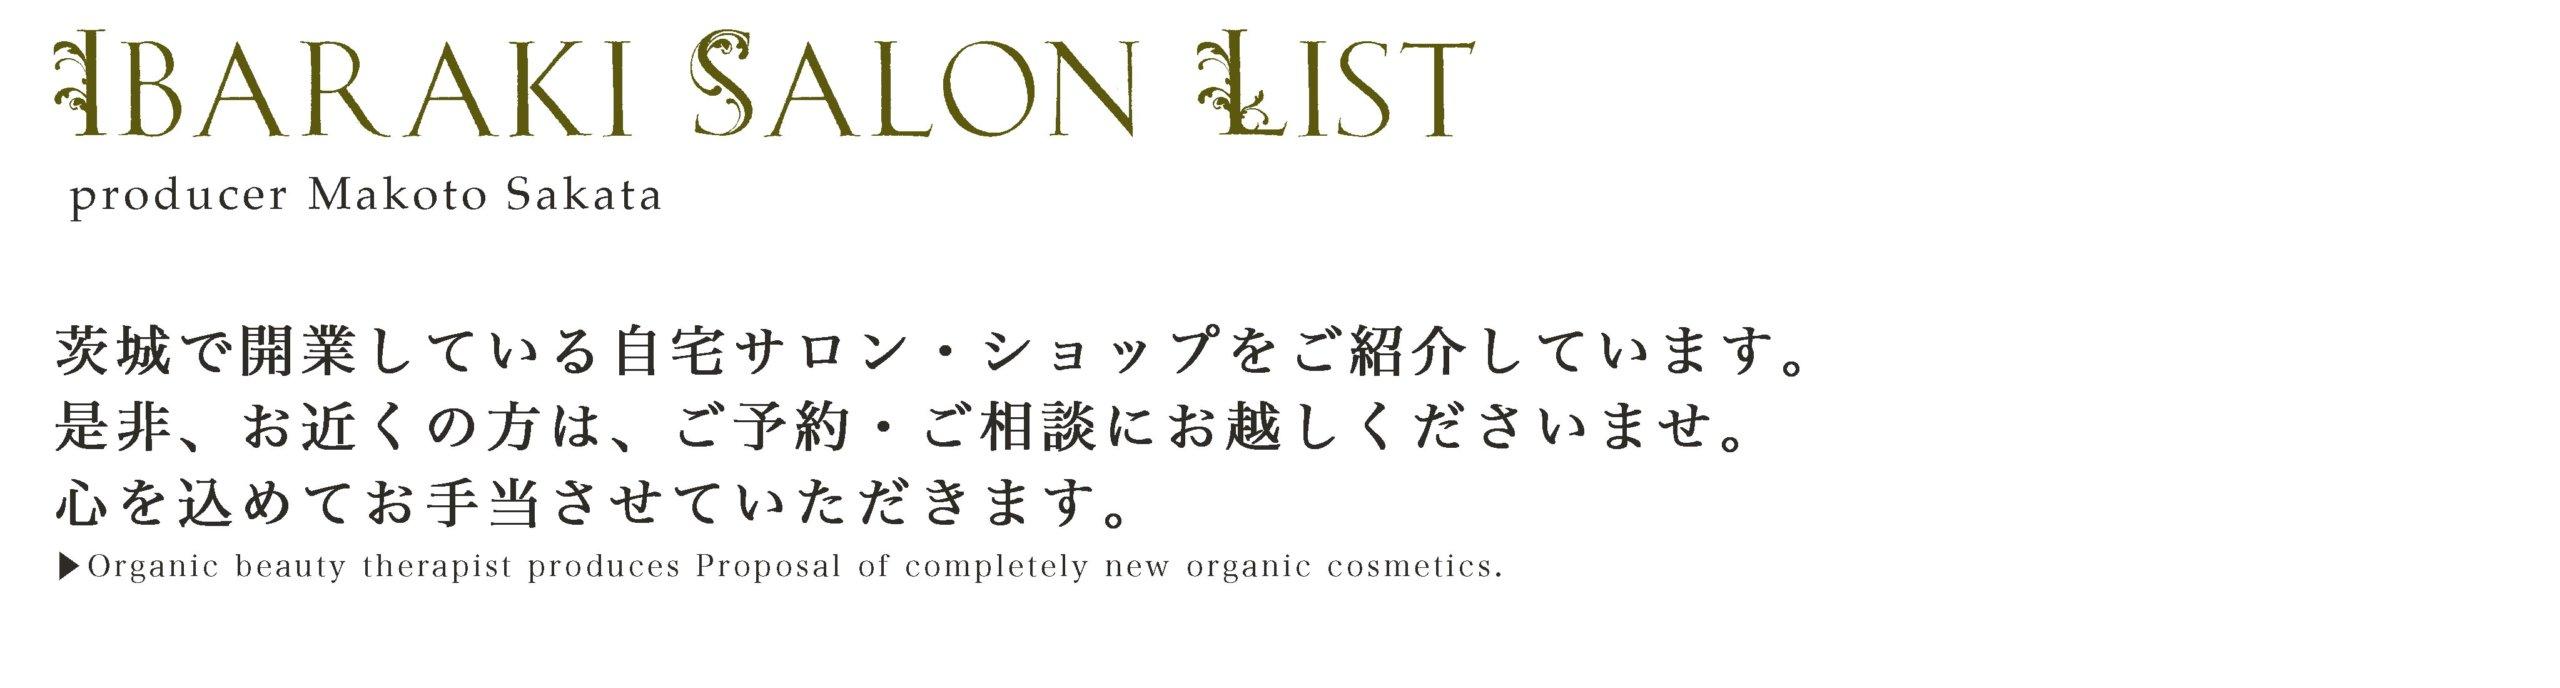 Ibaraki Salon List